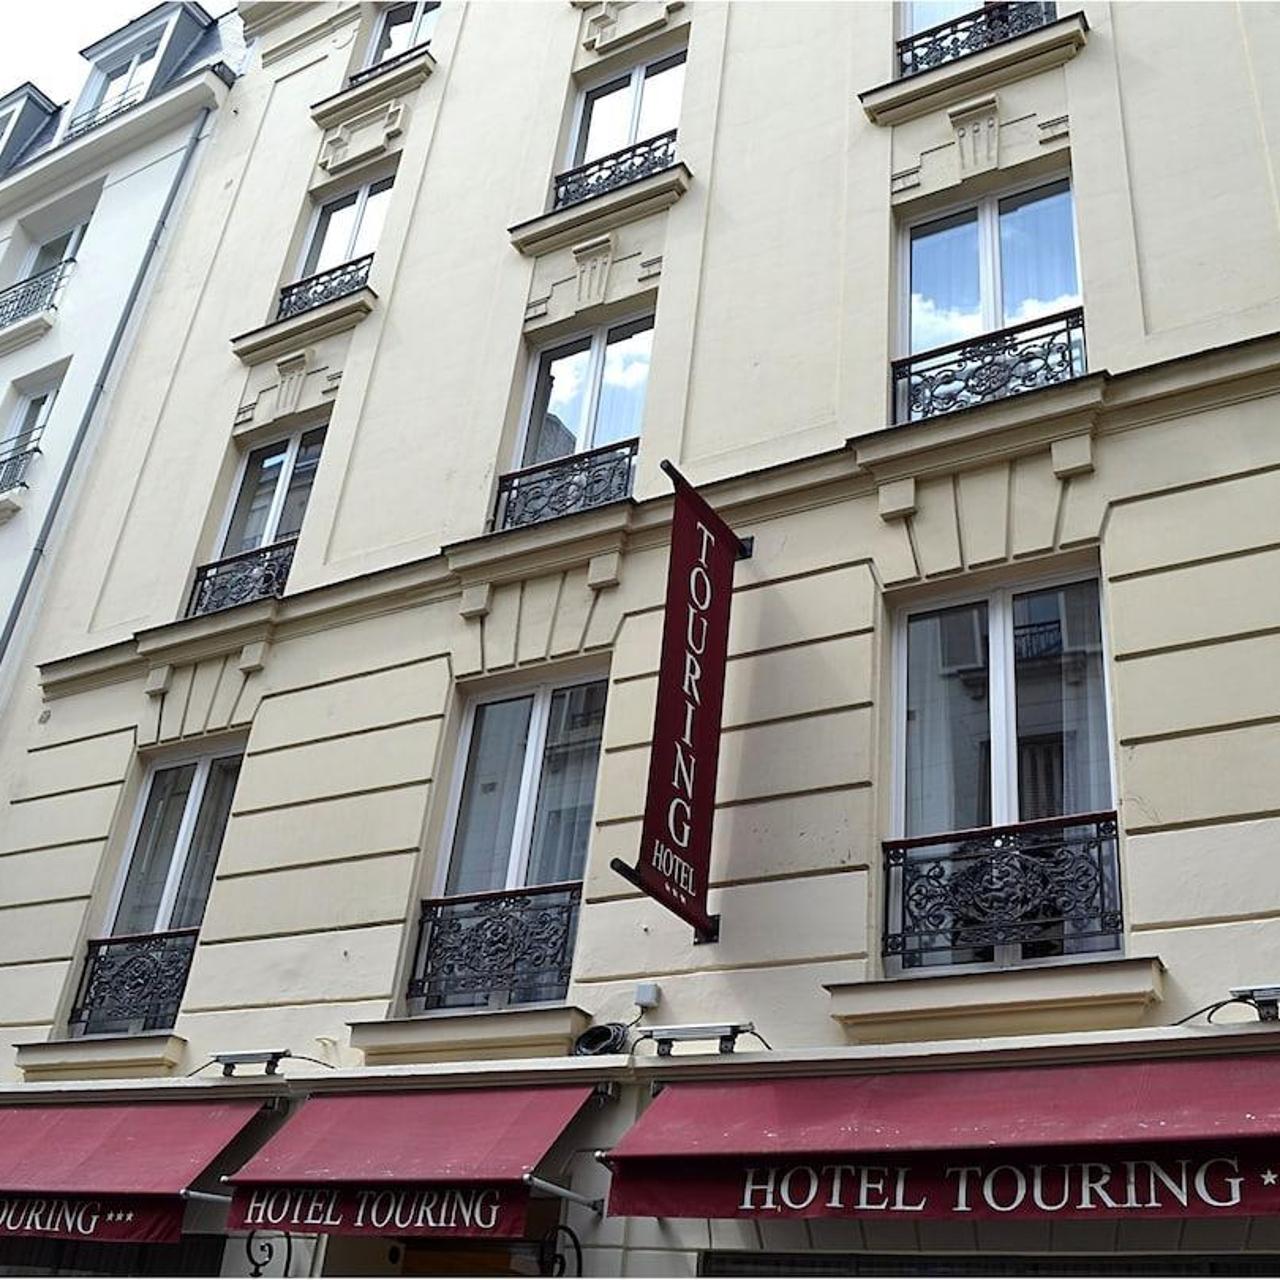 Hotel Villa La Parisienne Parigi hotel touring - 3 hrs star hotel in paris (Île-de-france)